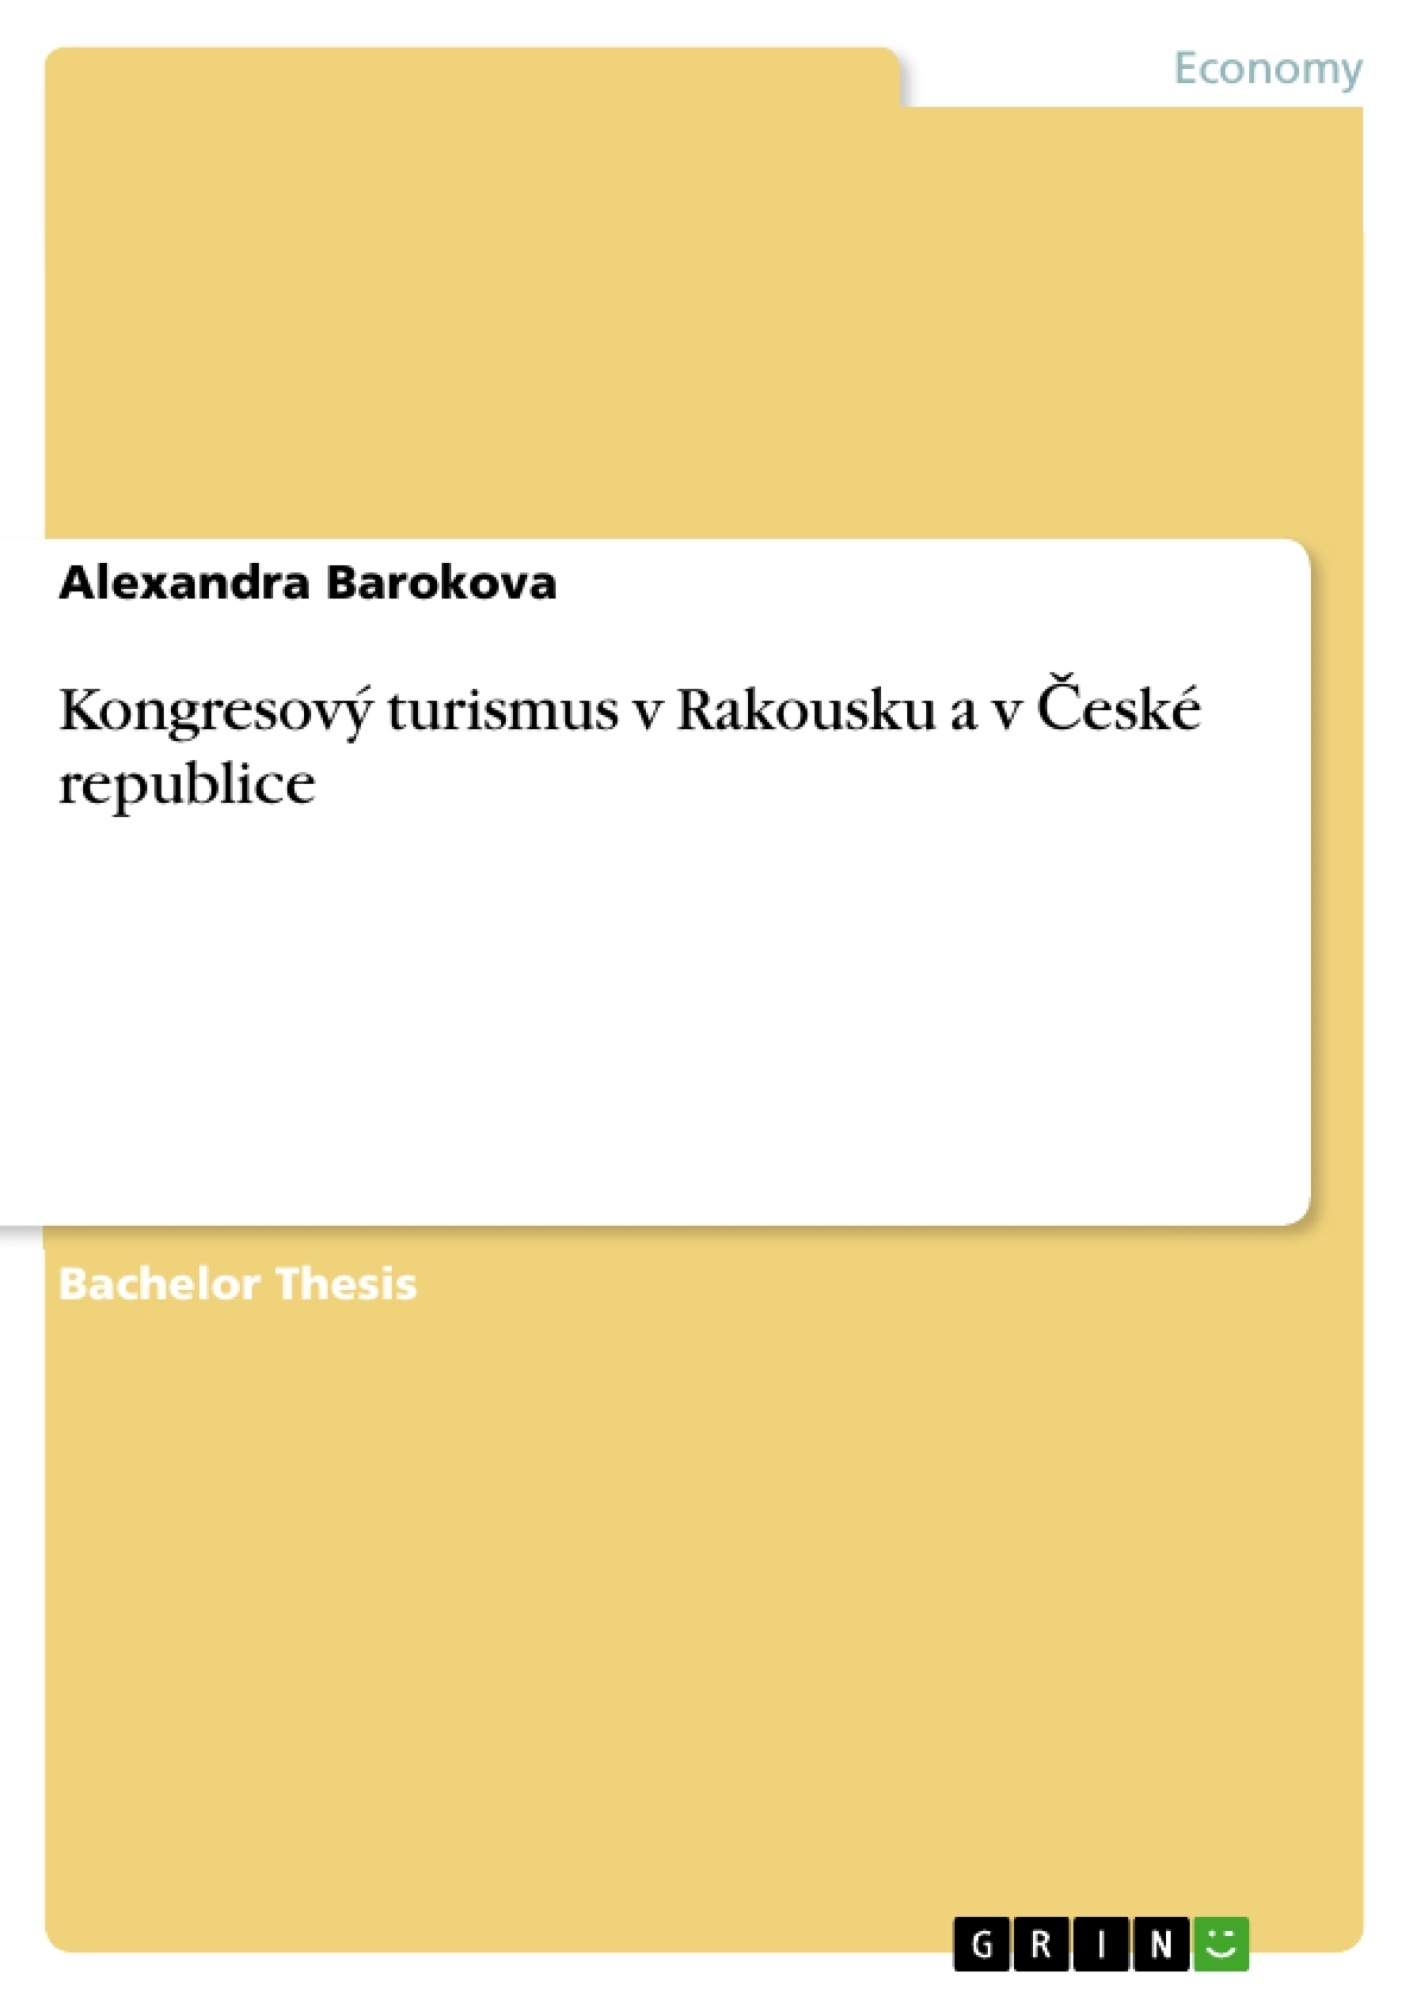 Title: Kongresový turismus v Rakousku a v České republice